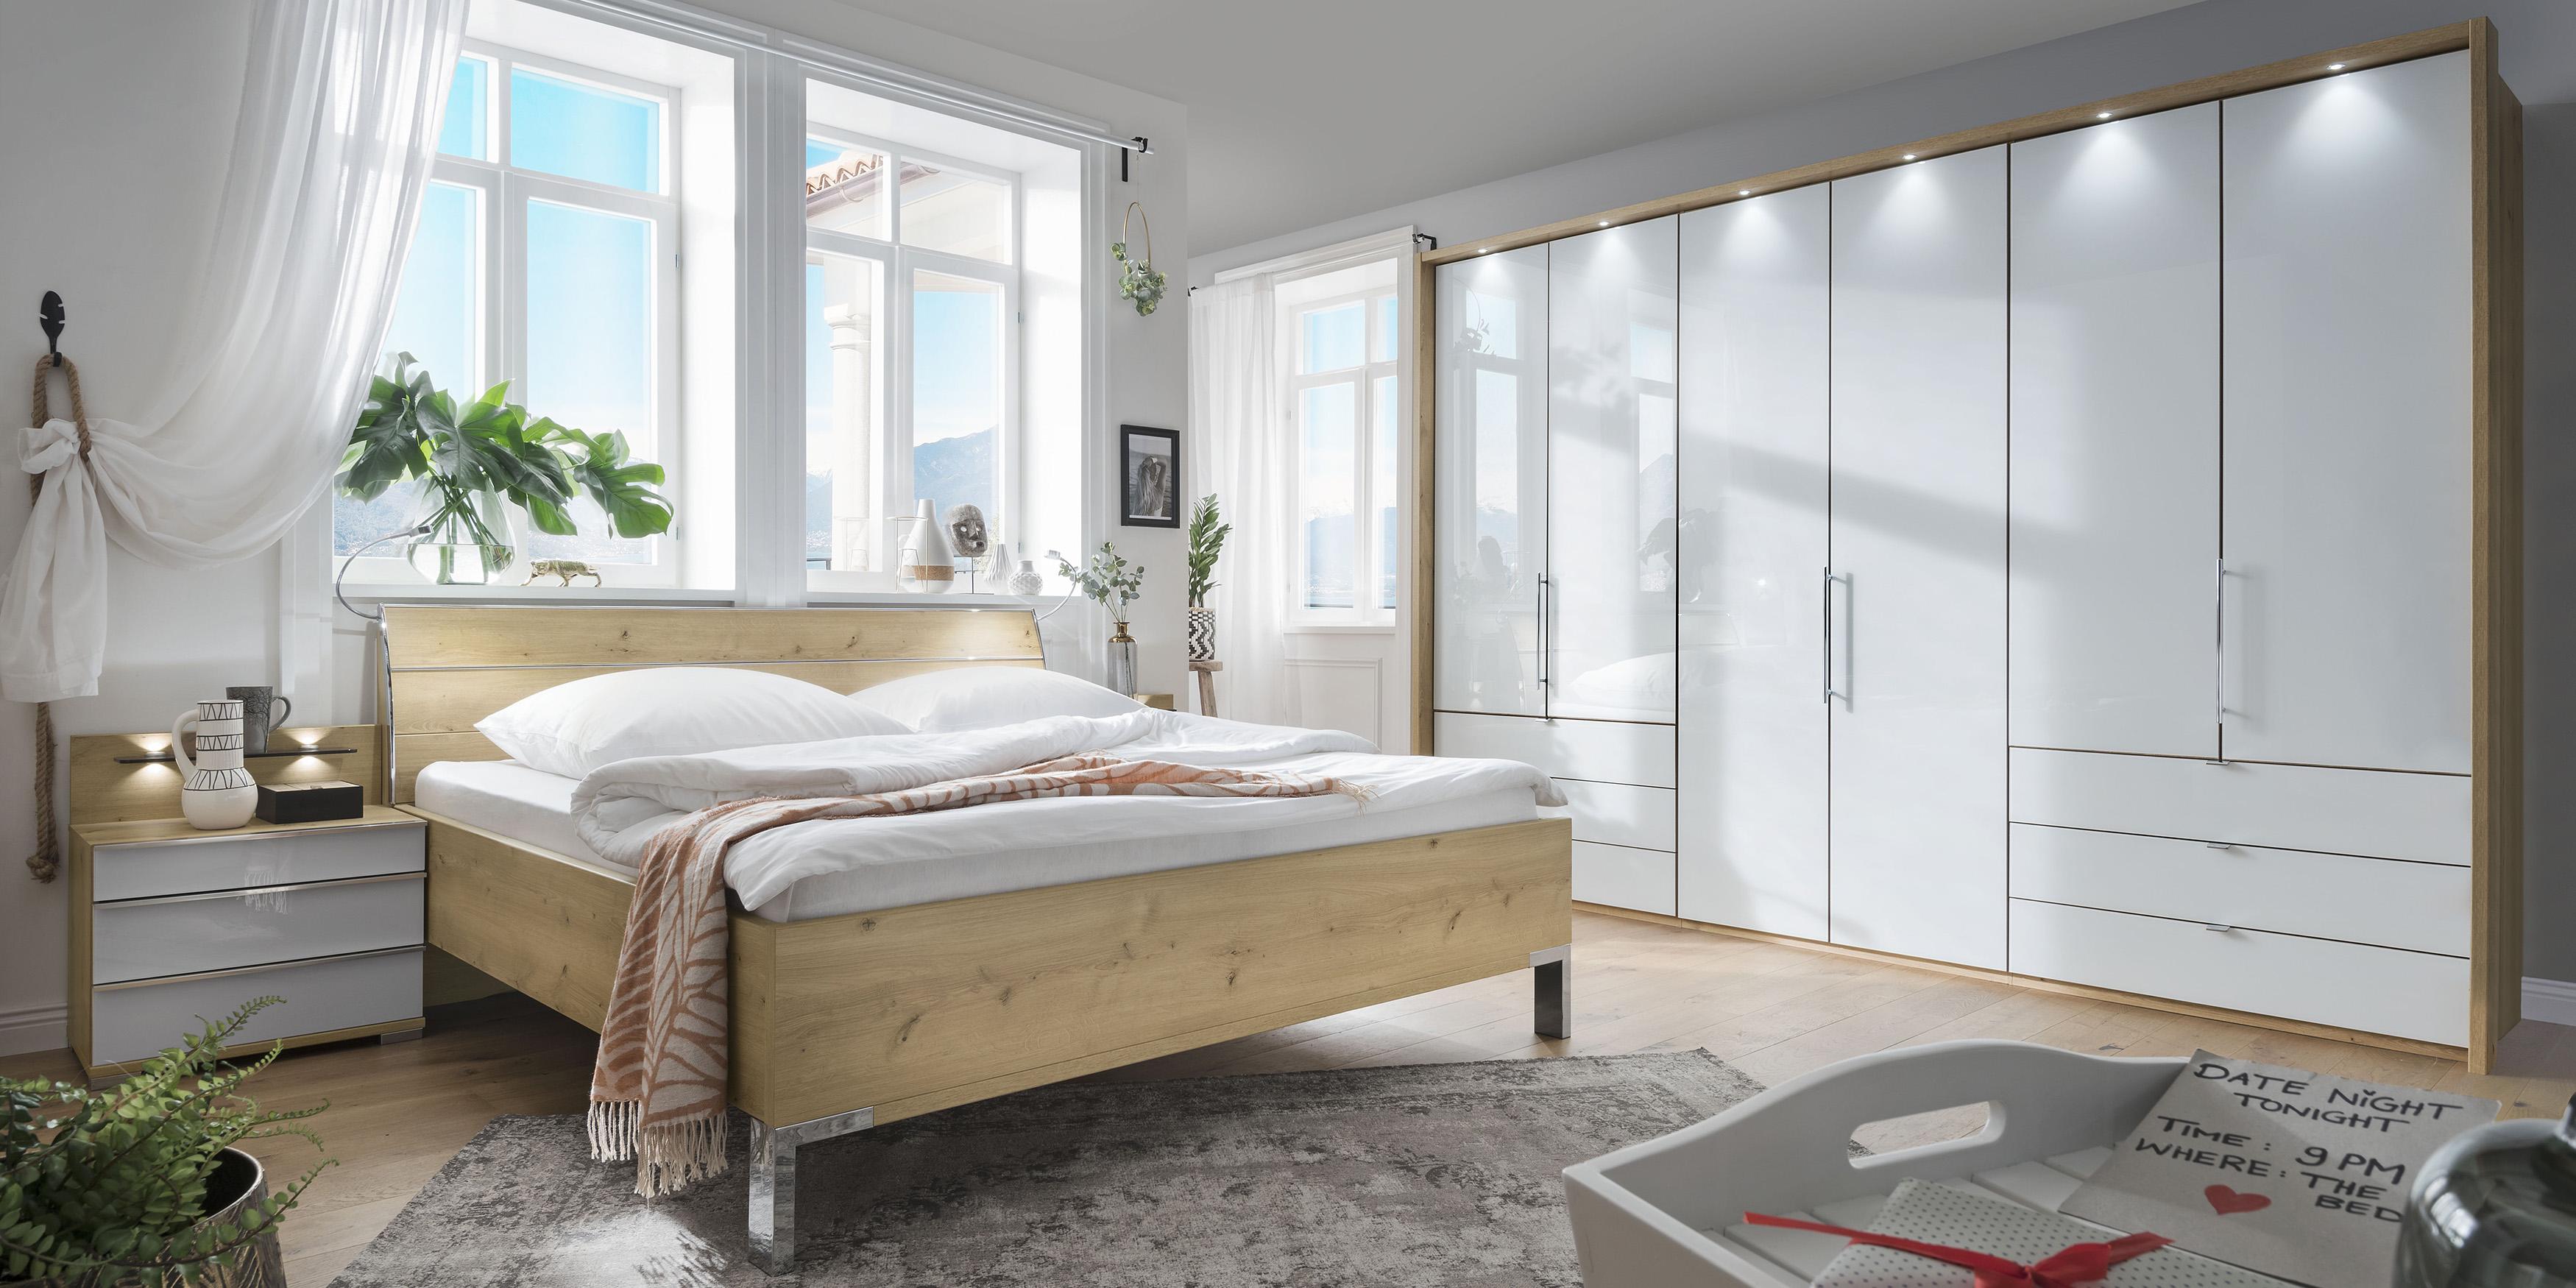 Schlafzimmermöbel aus Deutschland  Möbelhersteller Wiemann